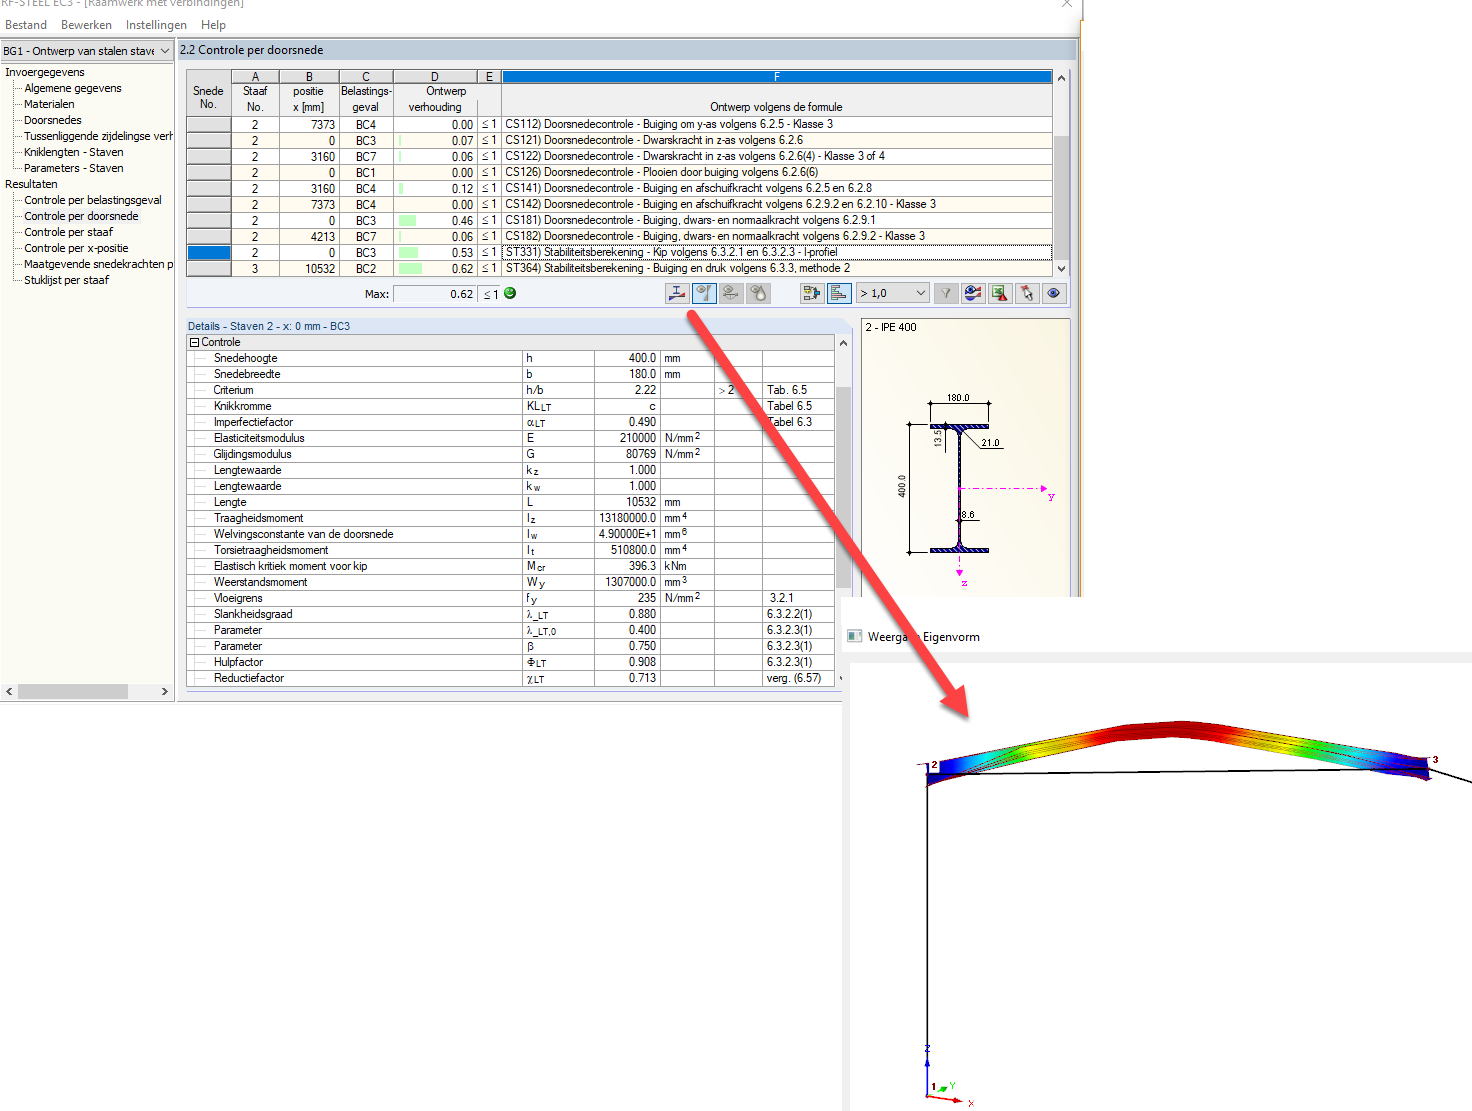 Doorsnedecontrole volgens de Eurocode 3 in rekensoftware RFEM